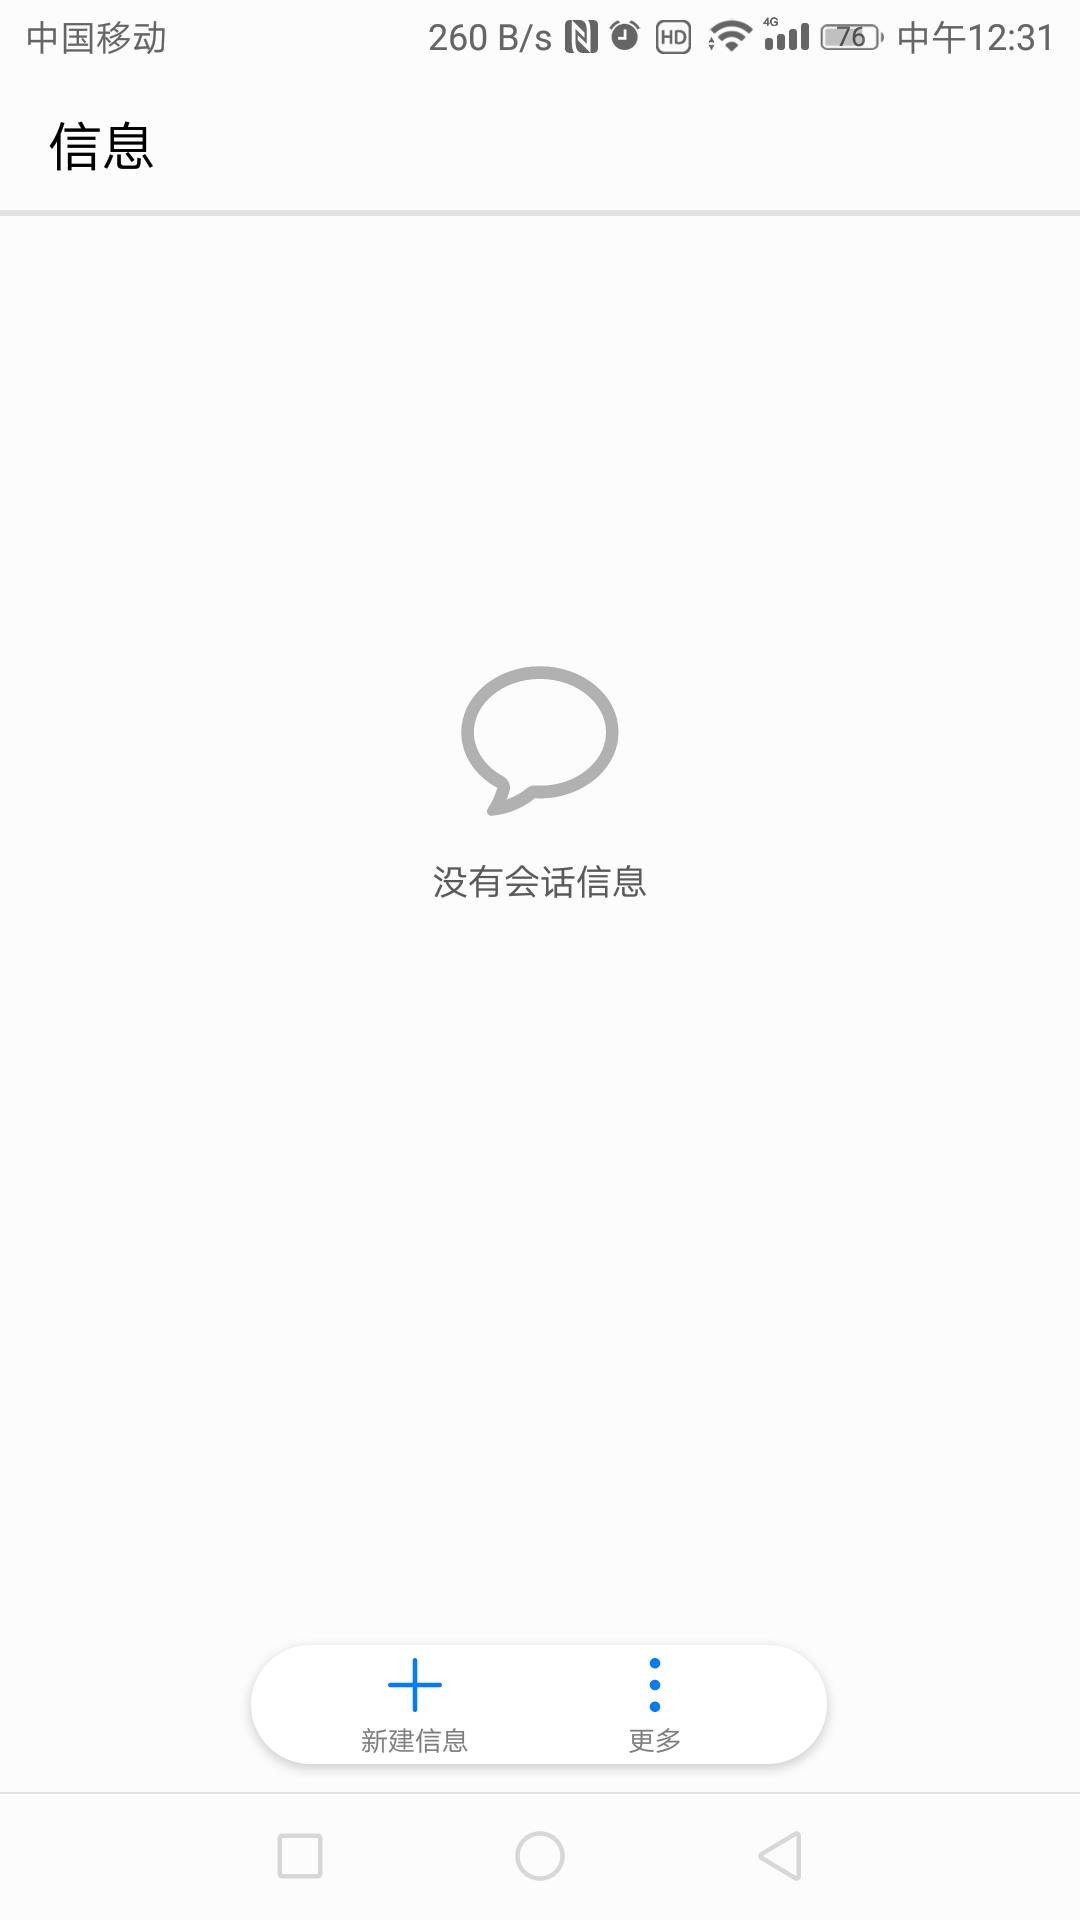 Screenshot_20180929-123104.jpg